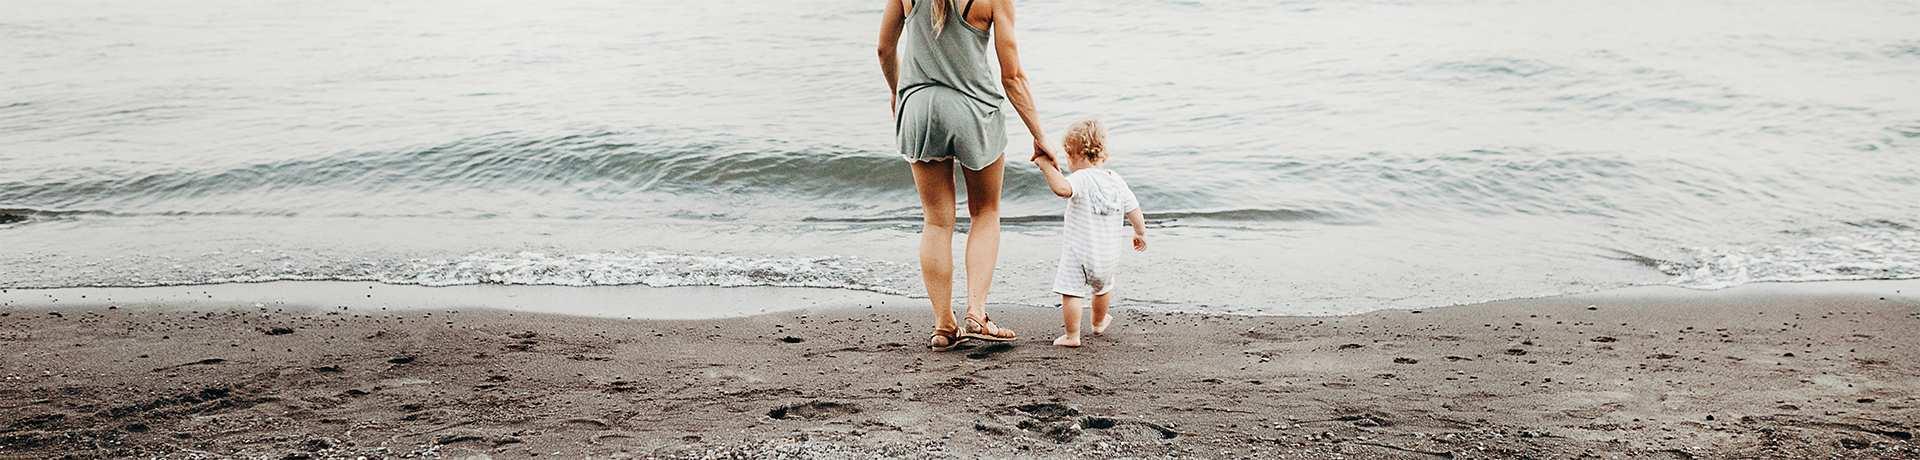 Urlaubsanspruch In Elternzeit Das Mussen Arbeitgeber Wissen